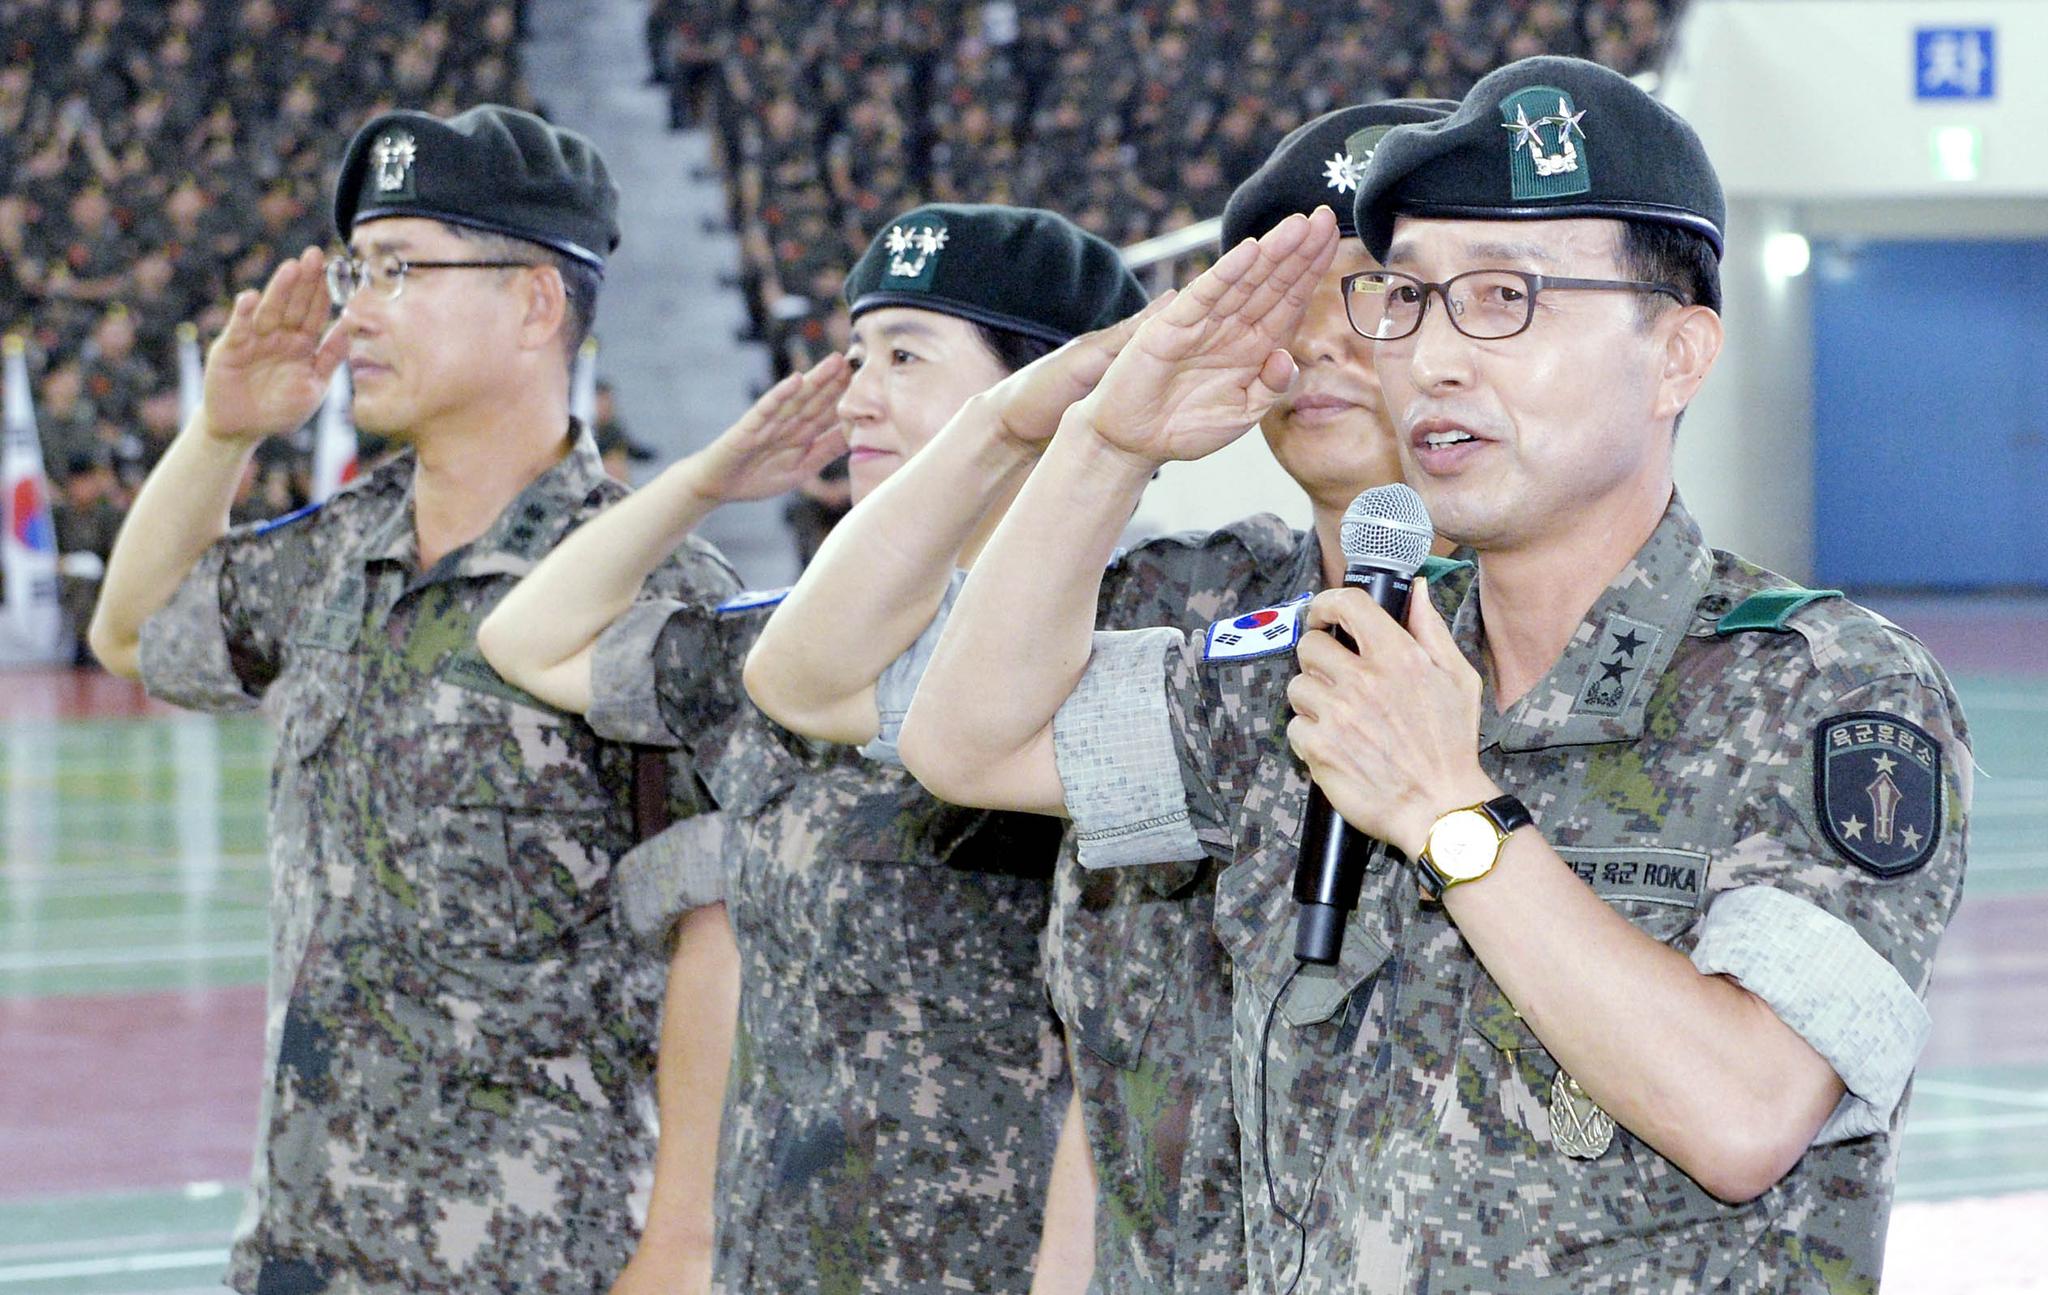 구재서(56·소장) 훈련소장이 19일 충남 논산 육군훈련소에서 열린 6.25참전용사를 비롯한 보훈단체 초청 행사에서 선배 전우들에게 거수경례로 인사하고 있다.프리랜서 김성태